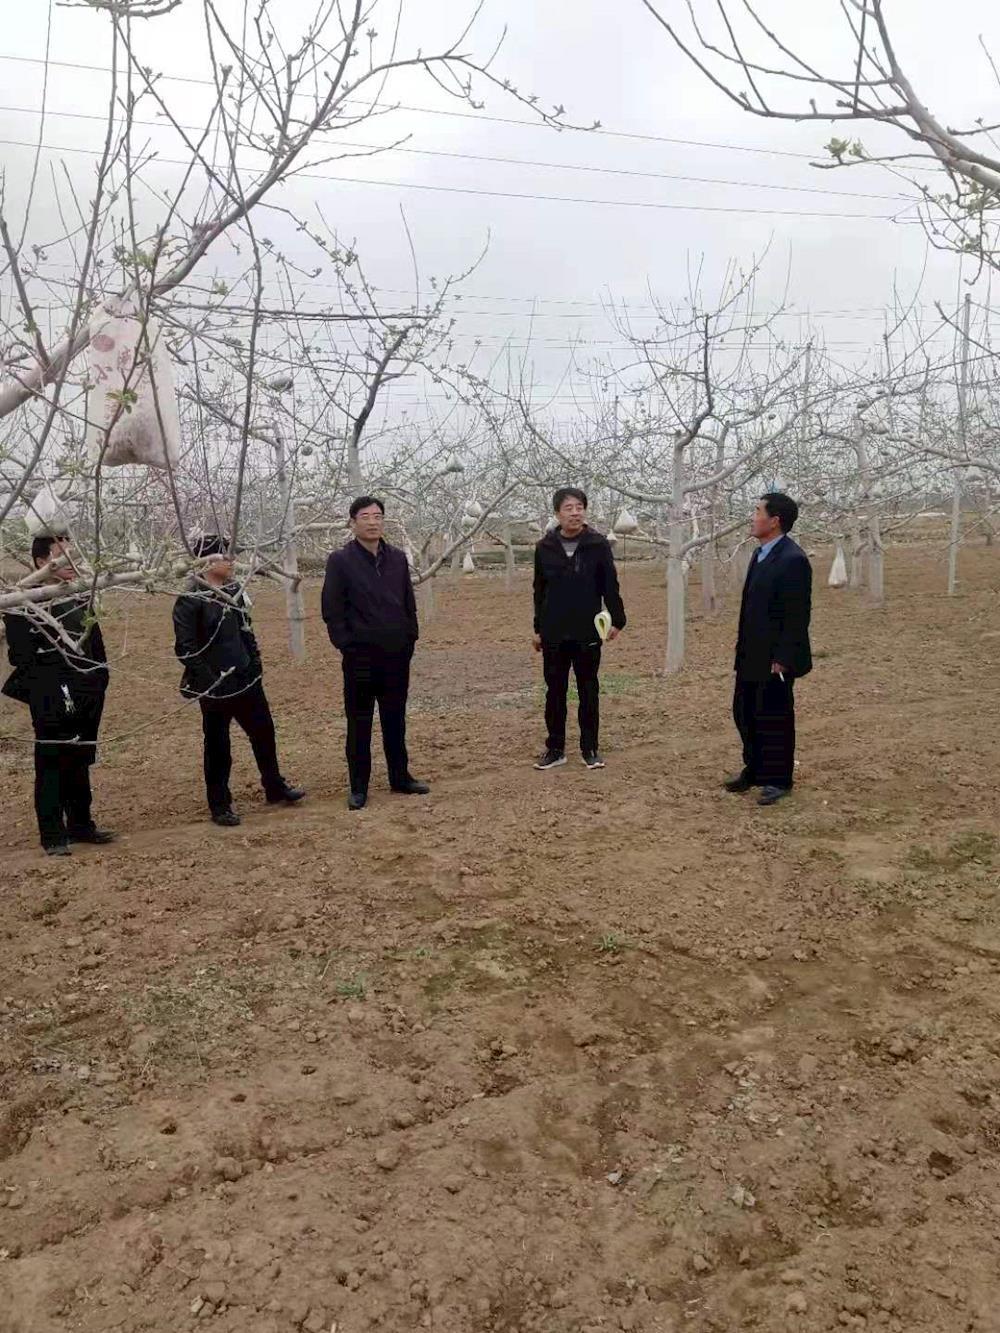 庆阳市果业中心督查正宁县春季果业生产及果树冻害预防工作